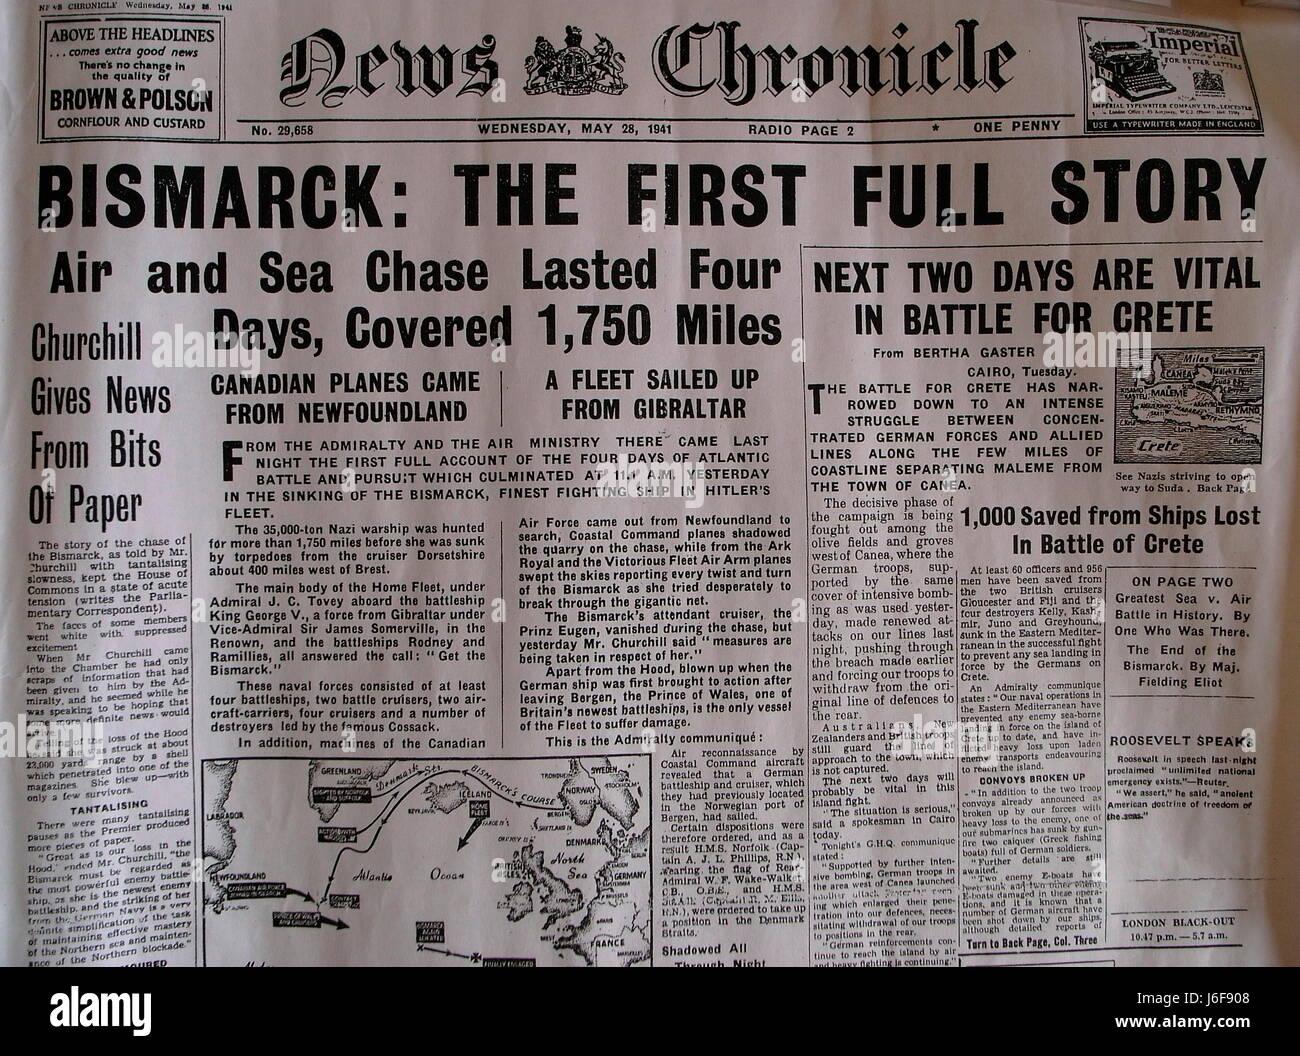 AJAXNETPHOTO. 4aprile, 2009. WORTHING,Inghilterra. - HEADLINE NEWS - Come le notizie di cronaca del 28 maggio 1941 Immagini Stock